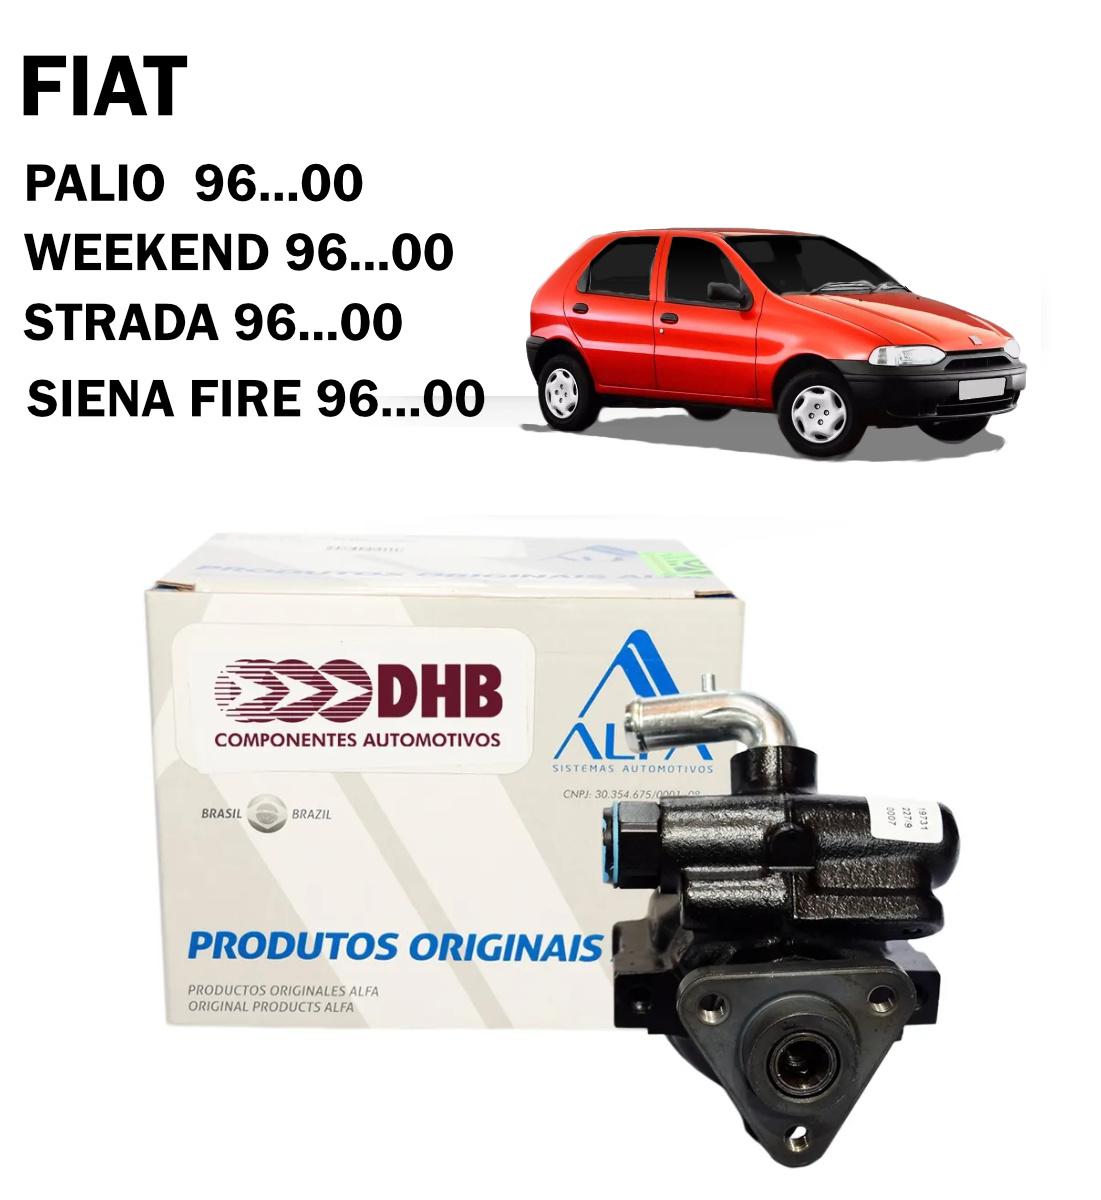 Bomba Direção Hidráulica DHB Fiat Palio, Siena, Strada, Week - 96...00